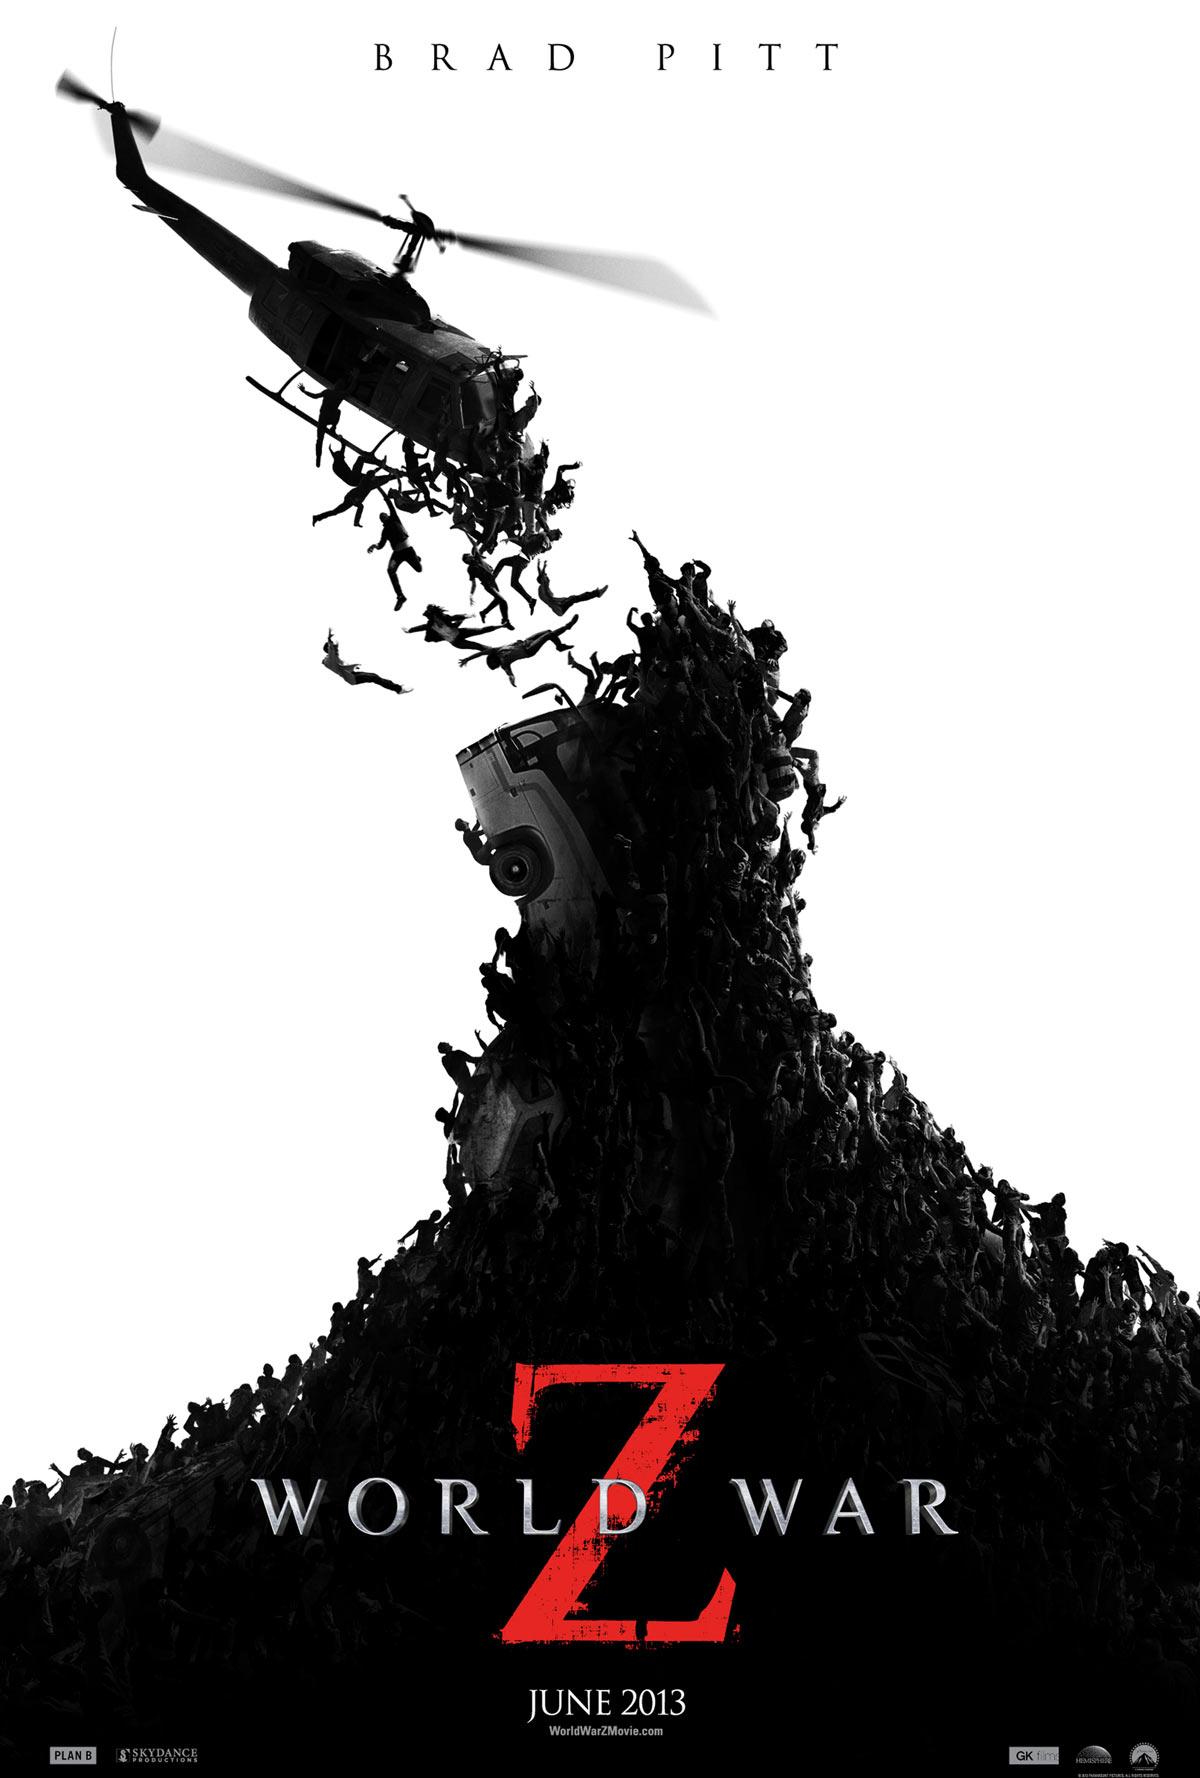 World War Z - Movie Poster #1 (Original)